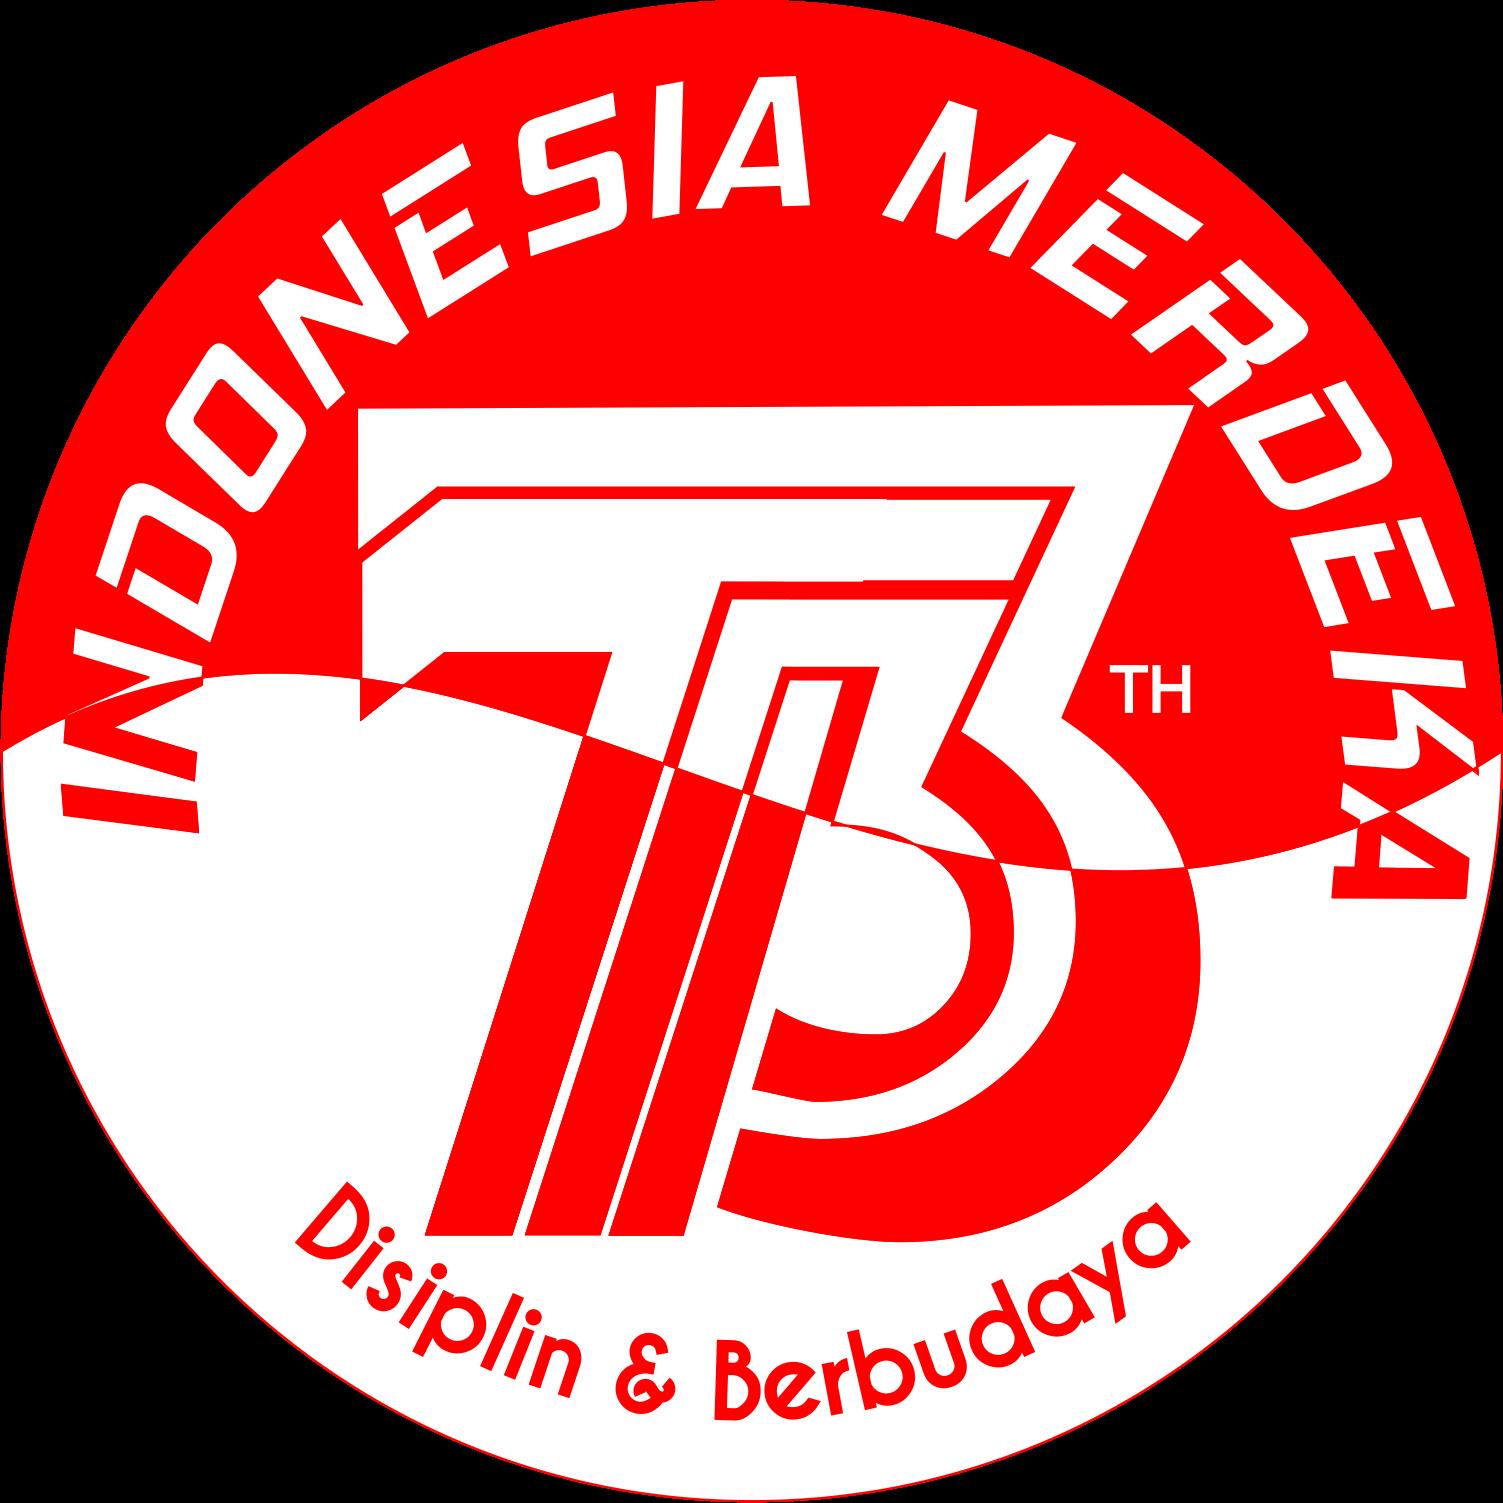 73+tahun.png (1503×1503) Indonesia, Desain logo, Hari